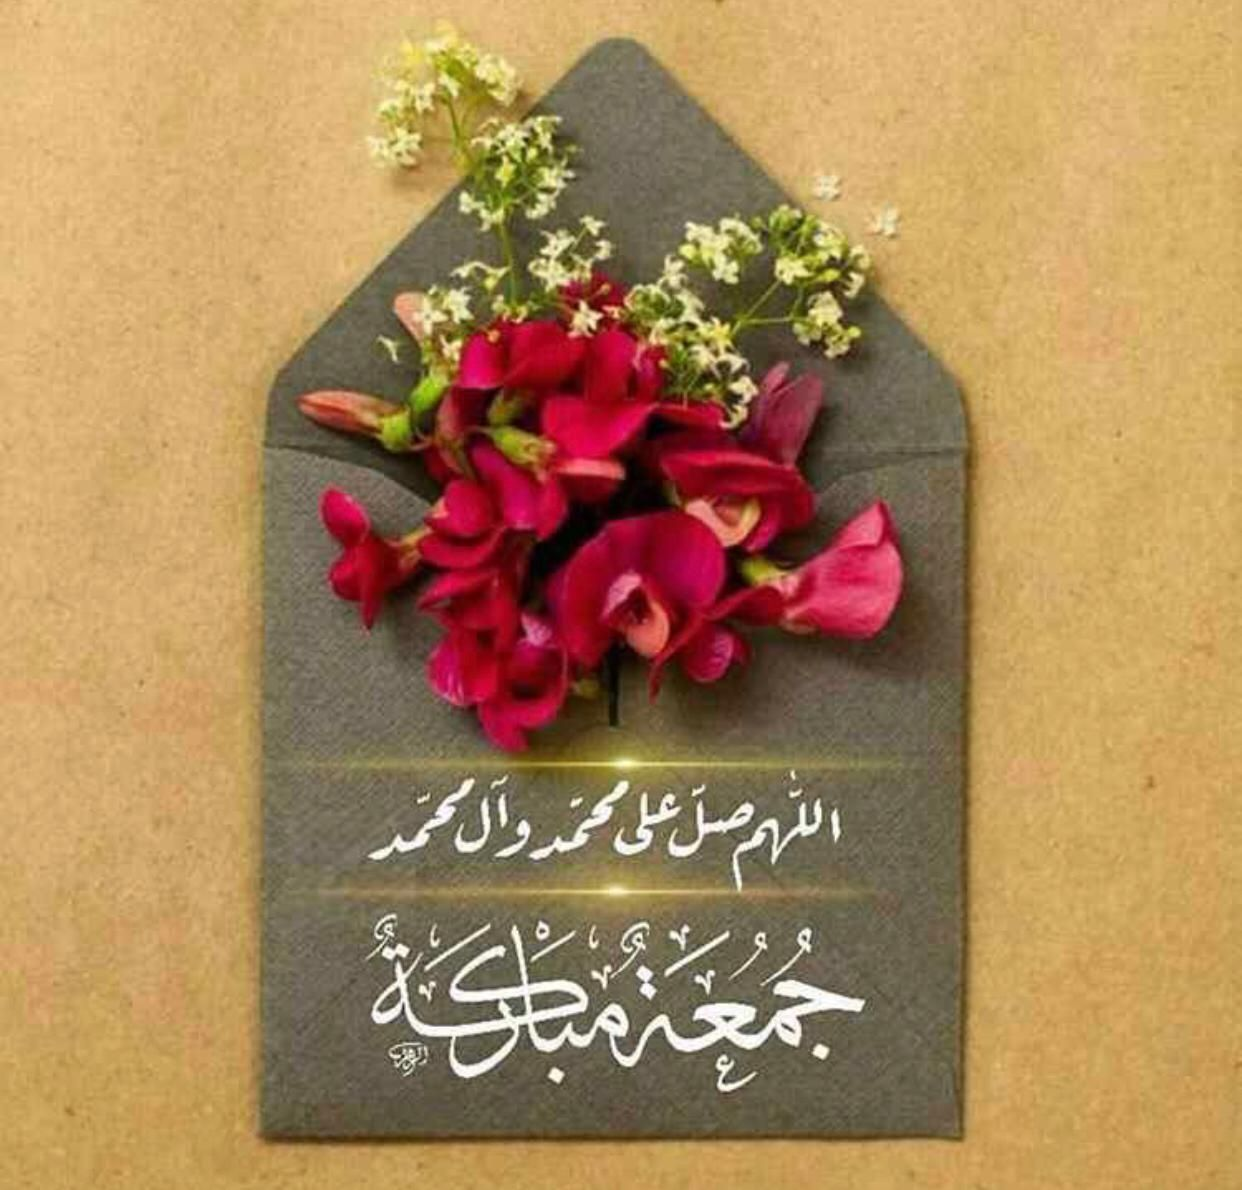 اللهم صل وسلم على سيدنا محمد Inspirational Quotes Wall Art Jumma Mubarak Images Jumma Mubarak Images Download